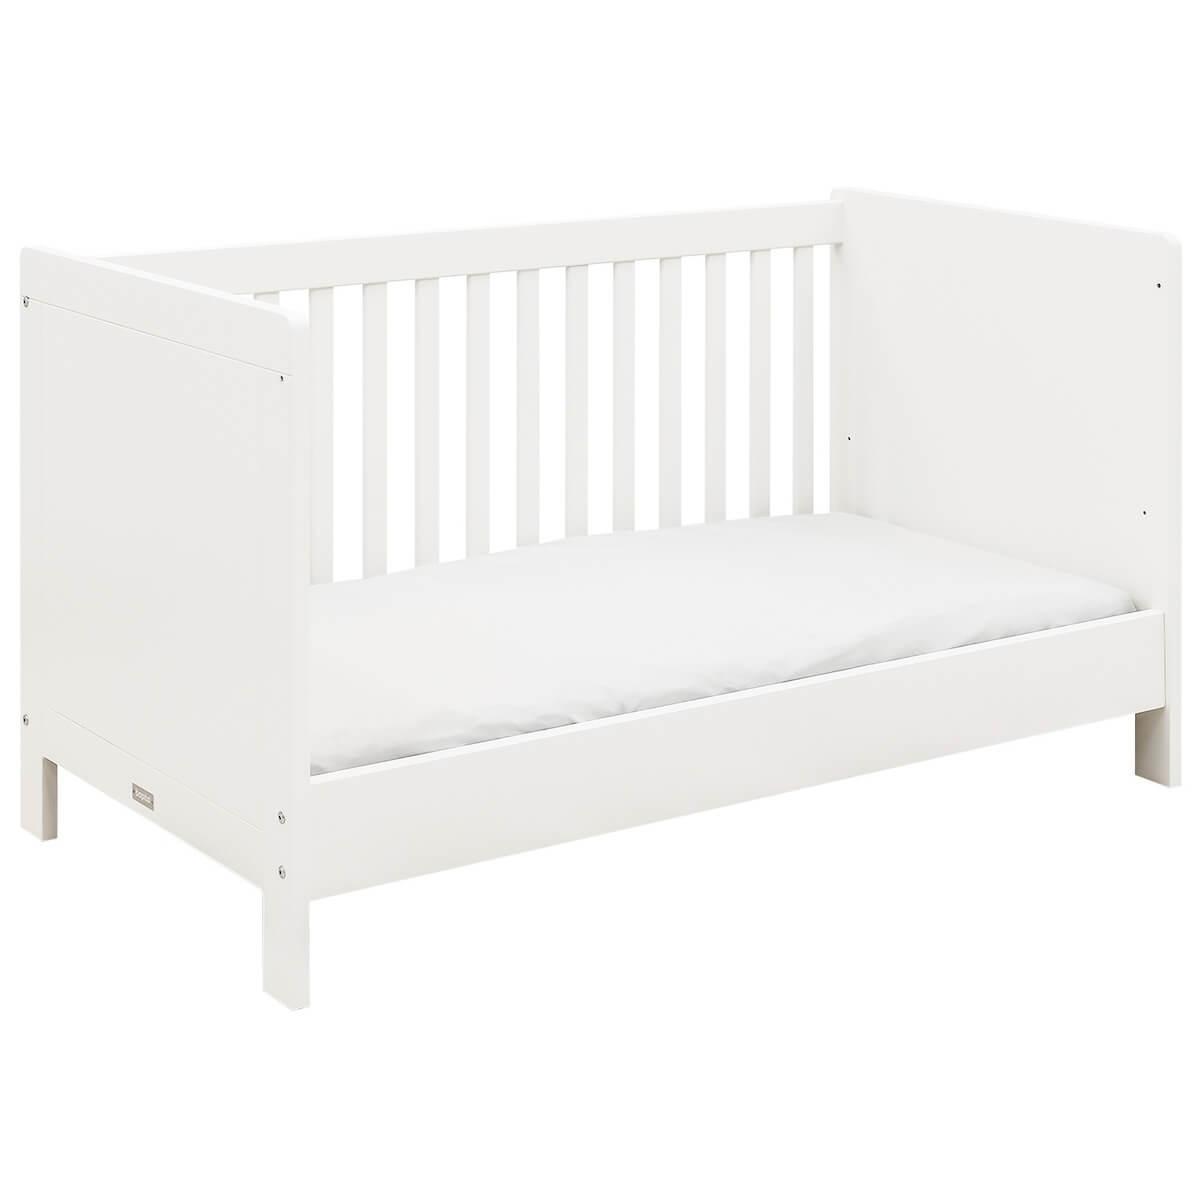 Lit bébé évolutif 70x140cm THIJN Bopita blanc